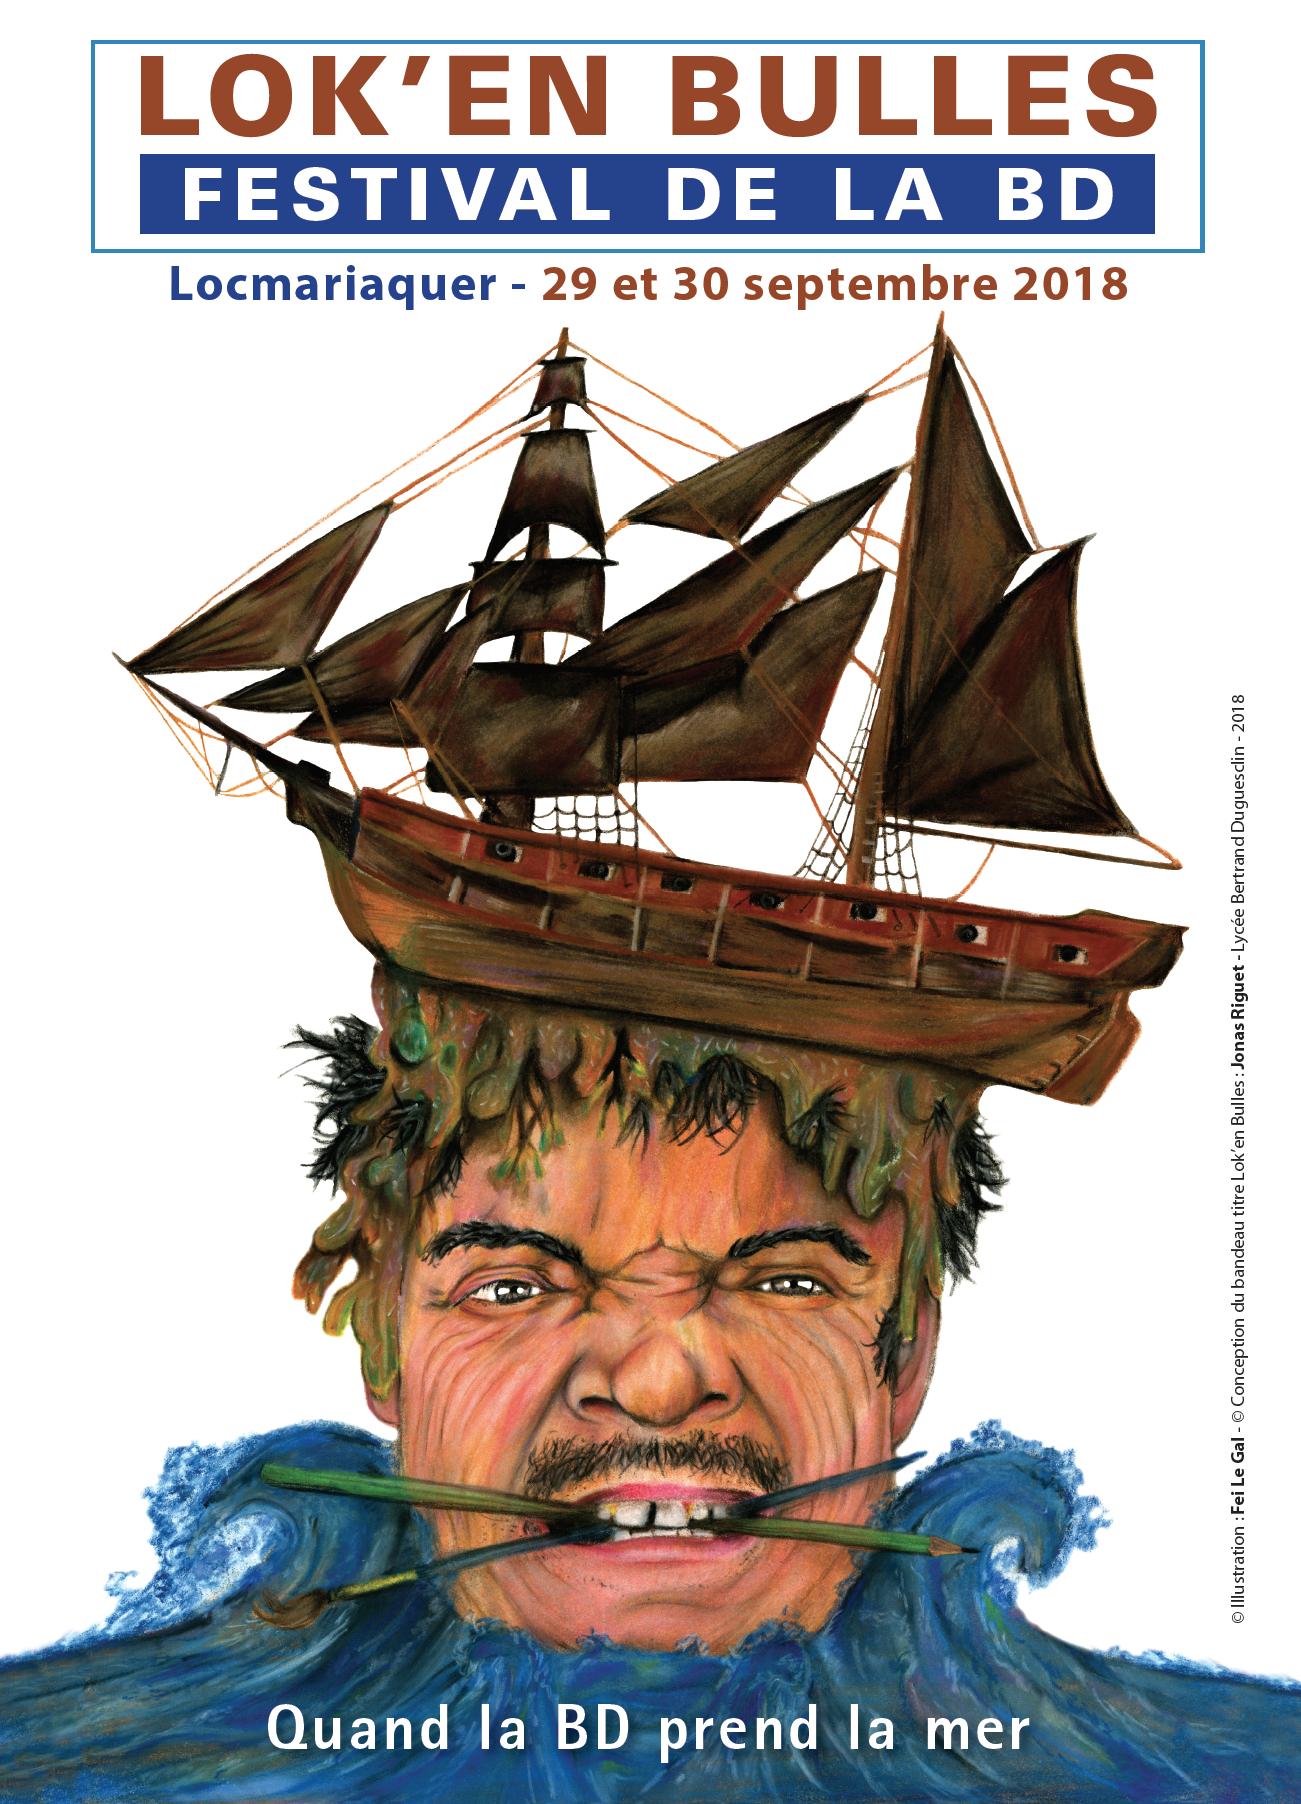 bande-dessinée affiche-lok-en-bulles-septembre-2018